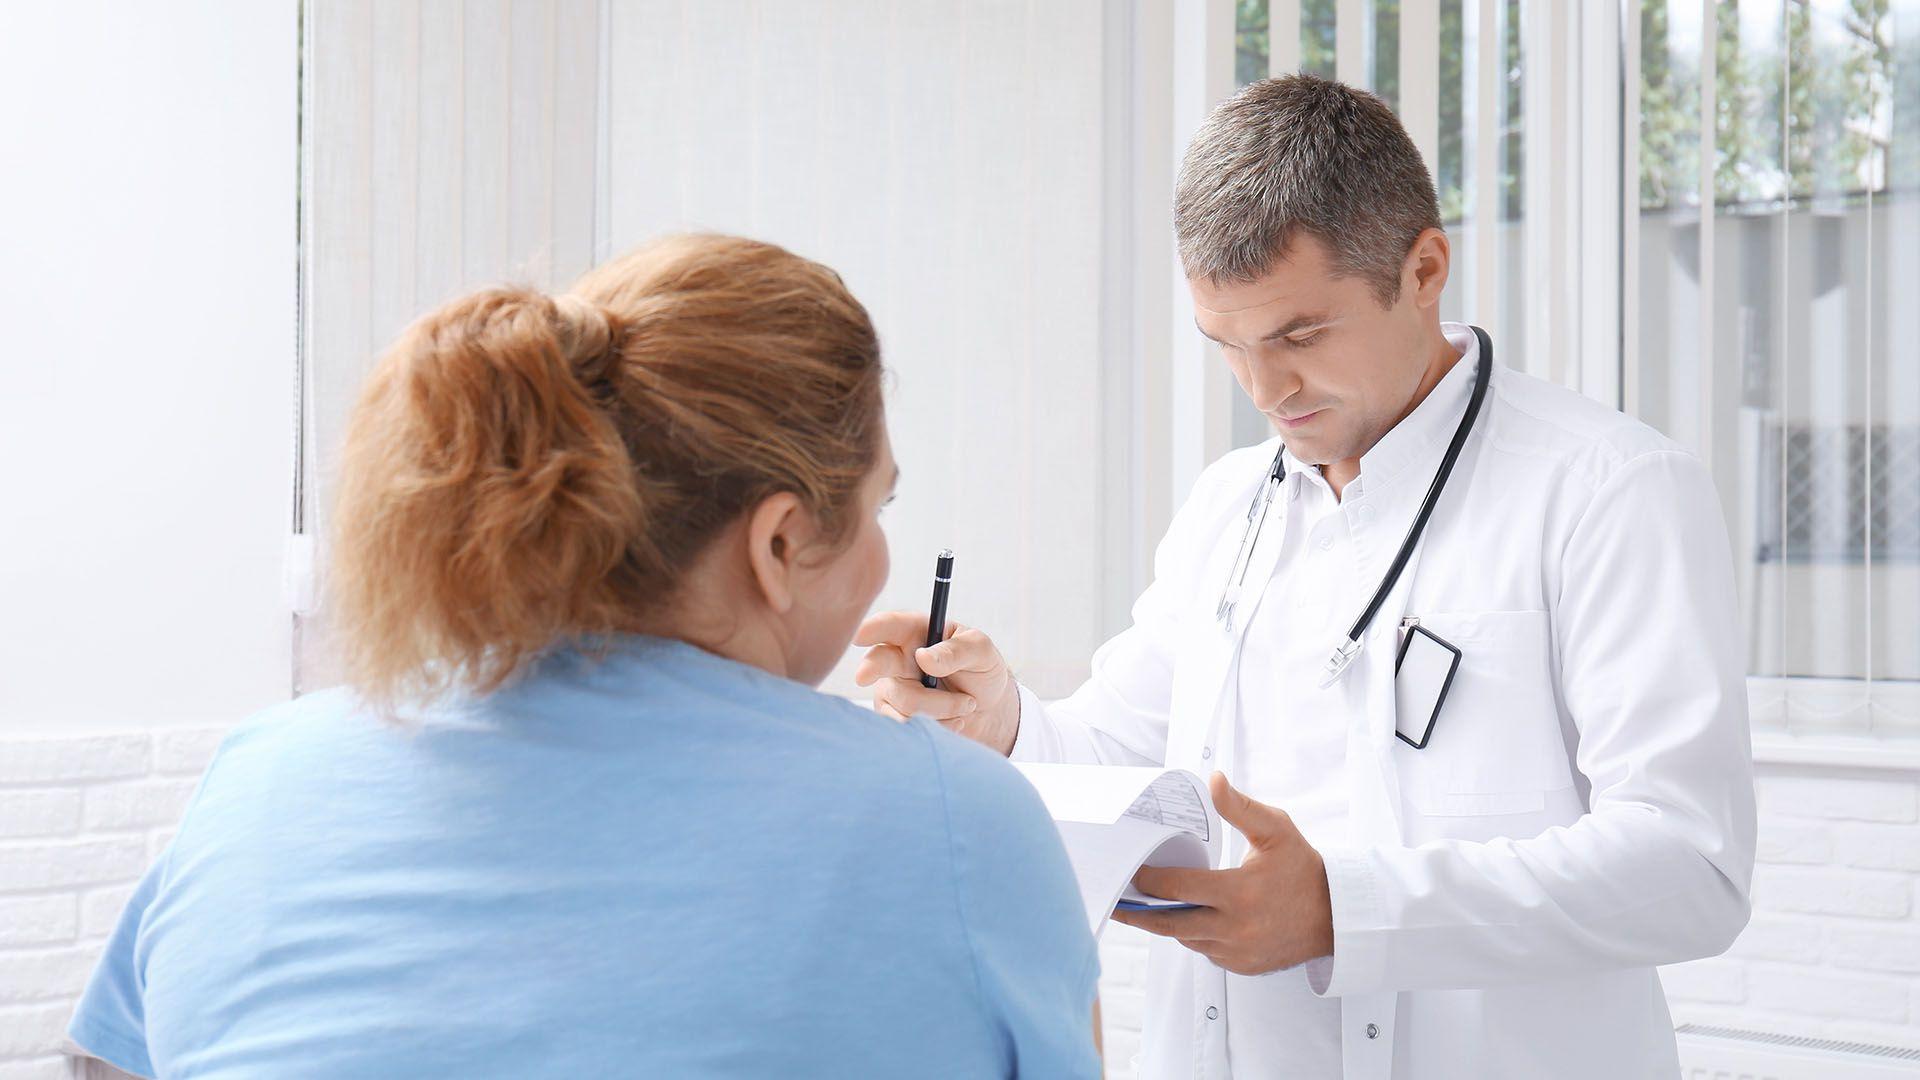 Las mujeres obesas sufren con frecuencia disfunción menstrual que conduce a la ausencia de ovulación y la consiguiente infertilidad (Shutterstock)